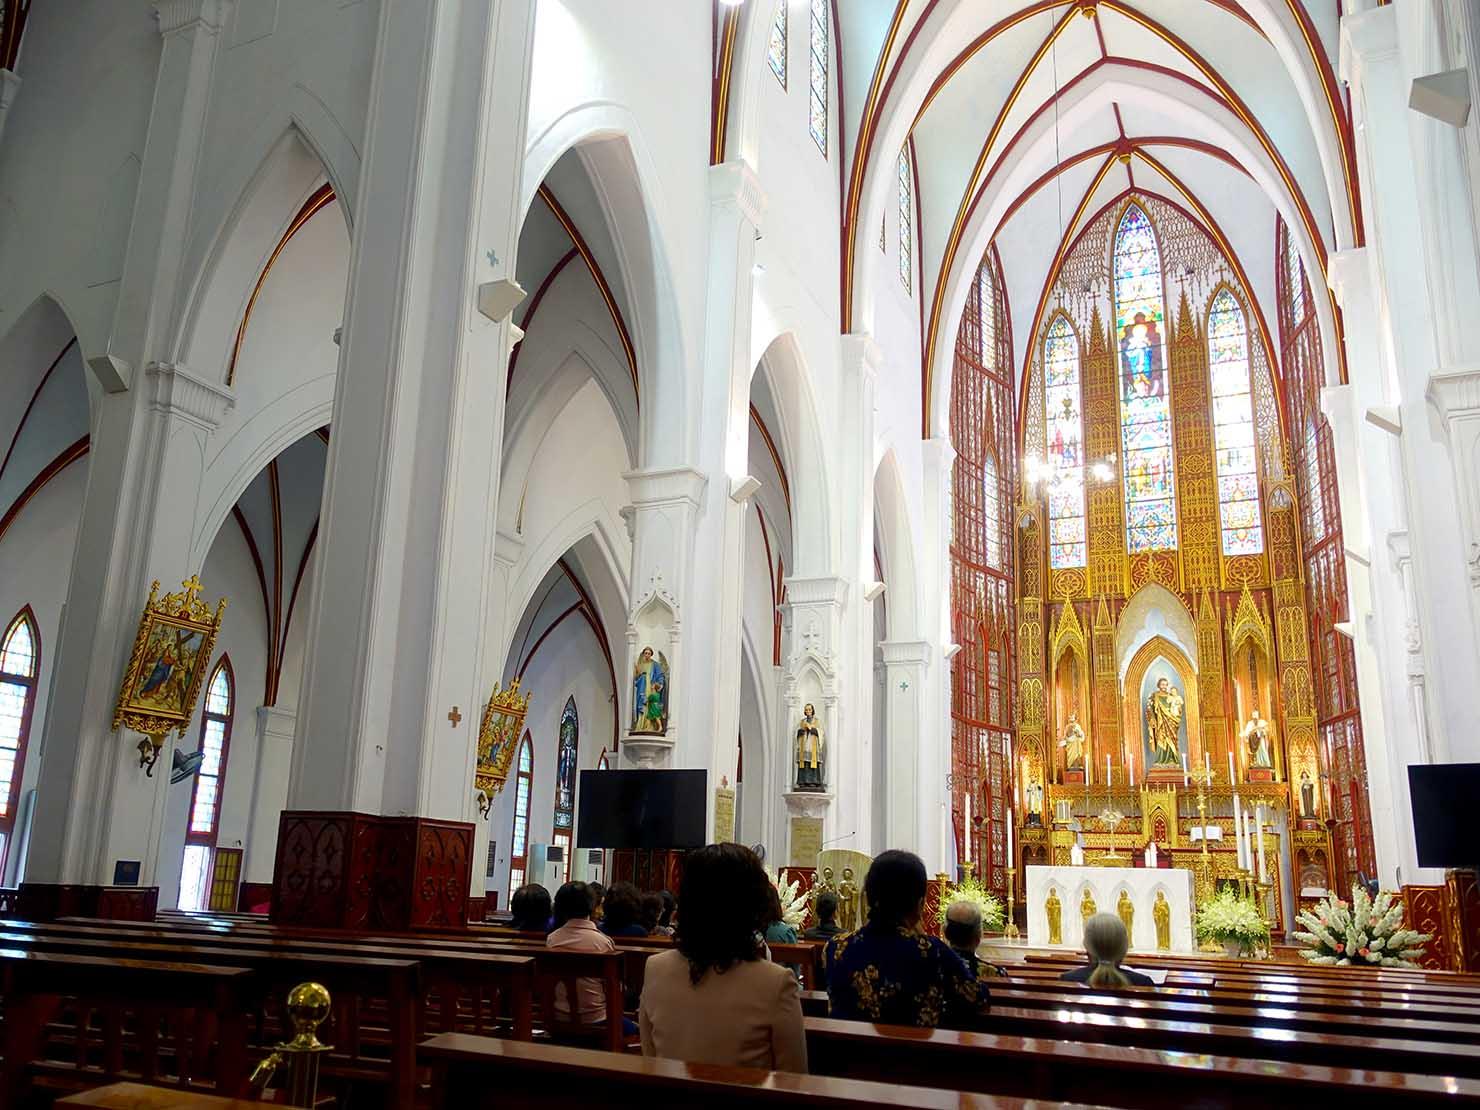 ベトナム・ハノイ旧市街の観光スポット「ハノイ大教会」の屋内